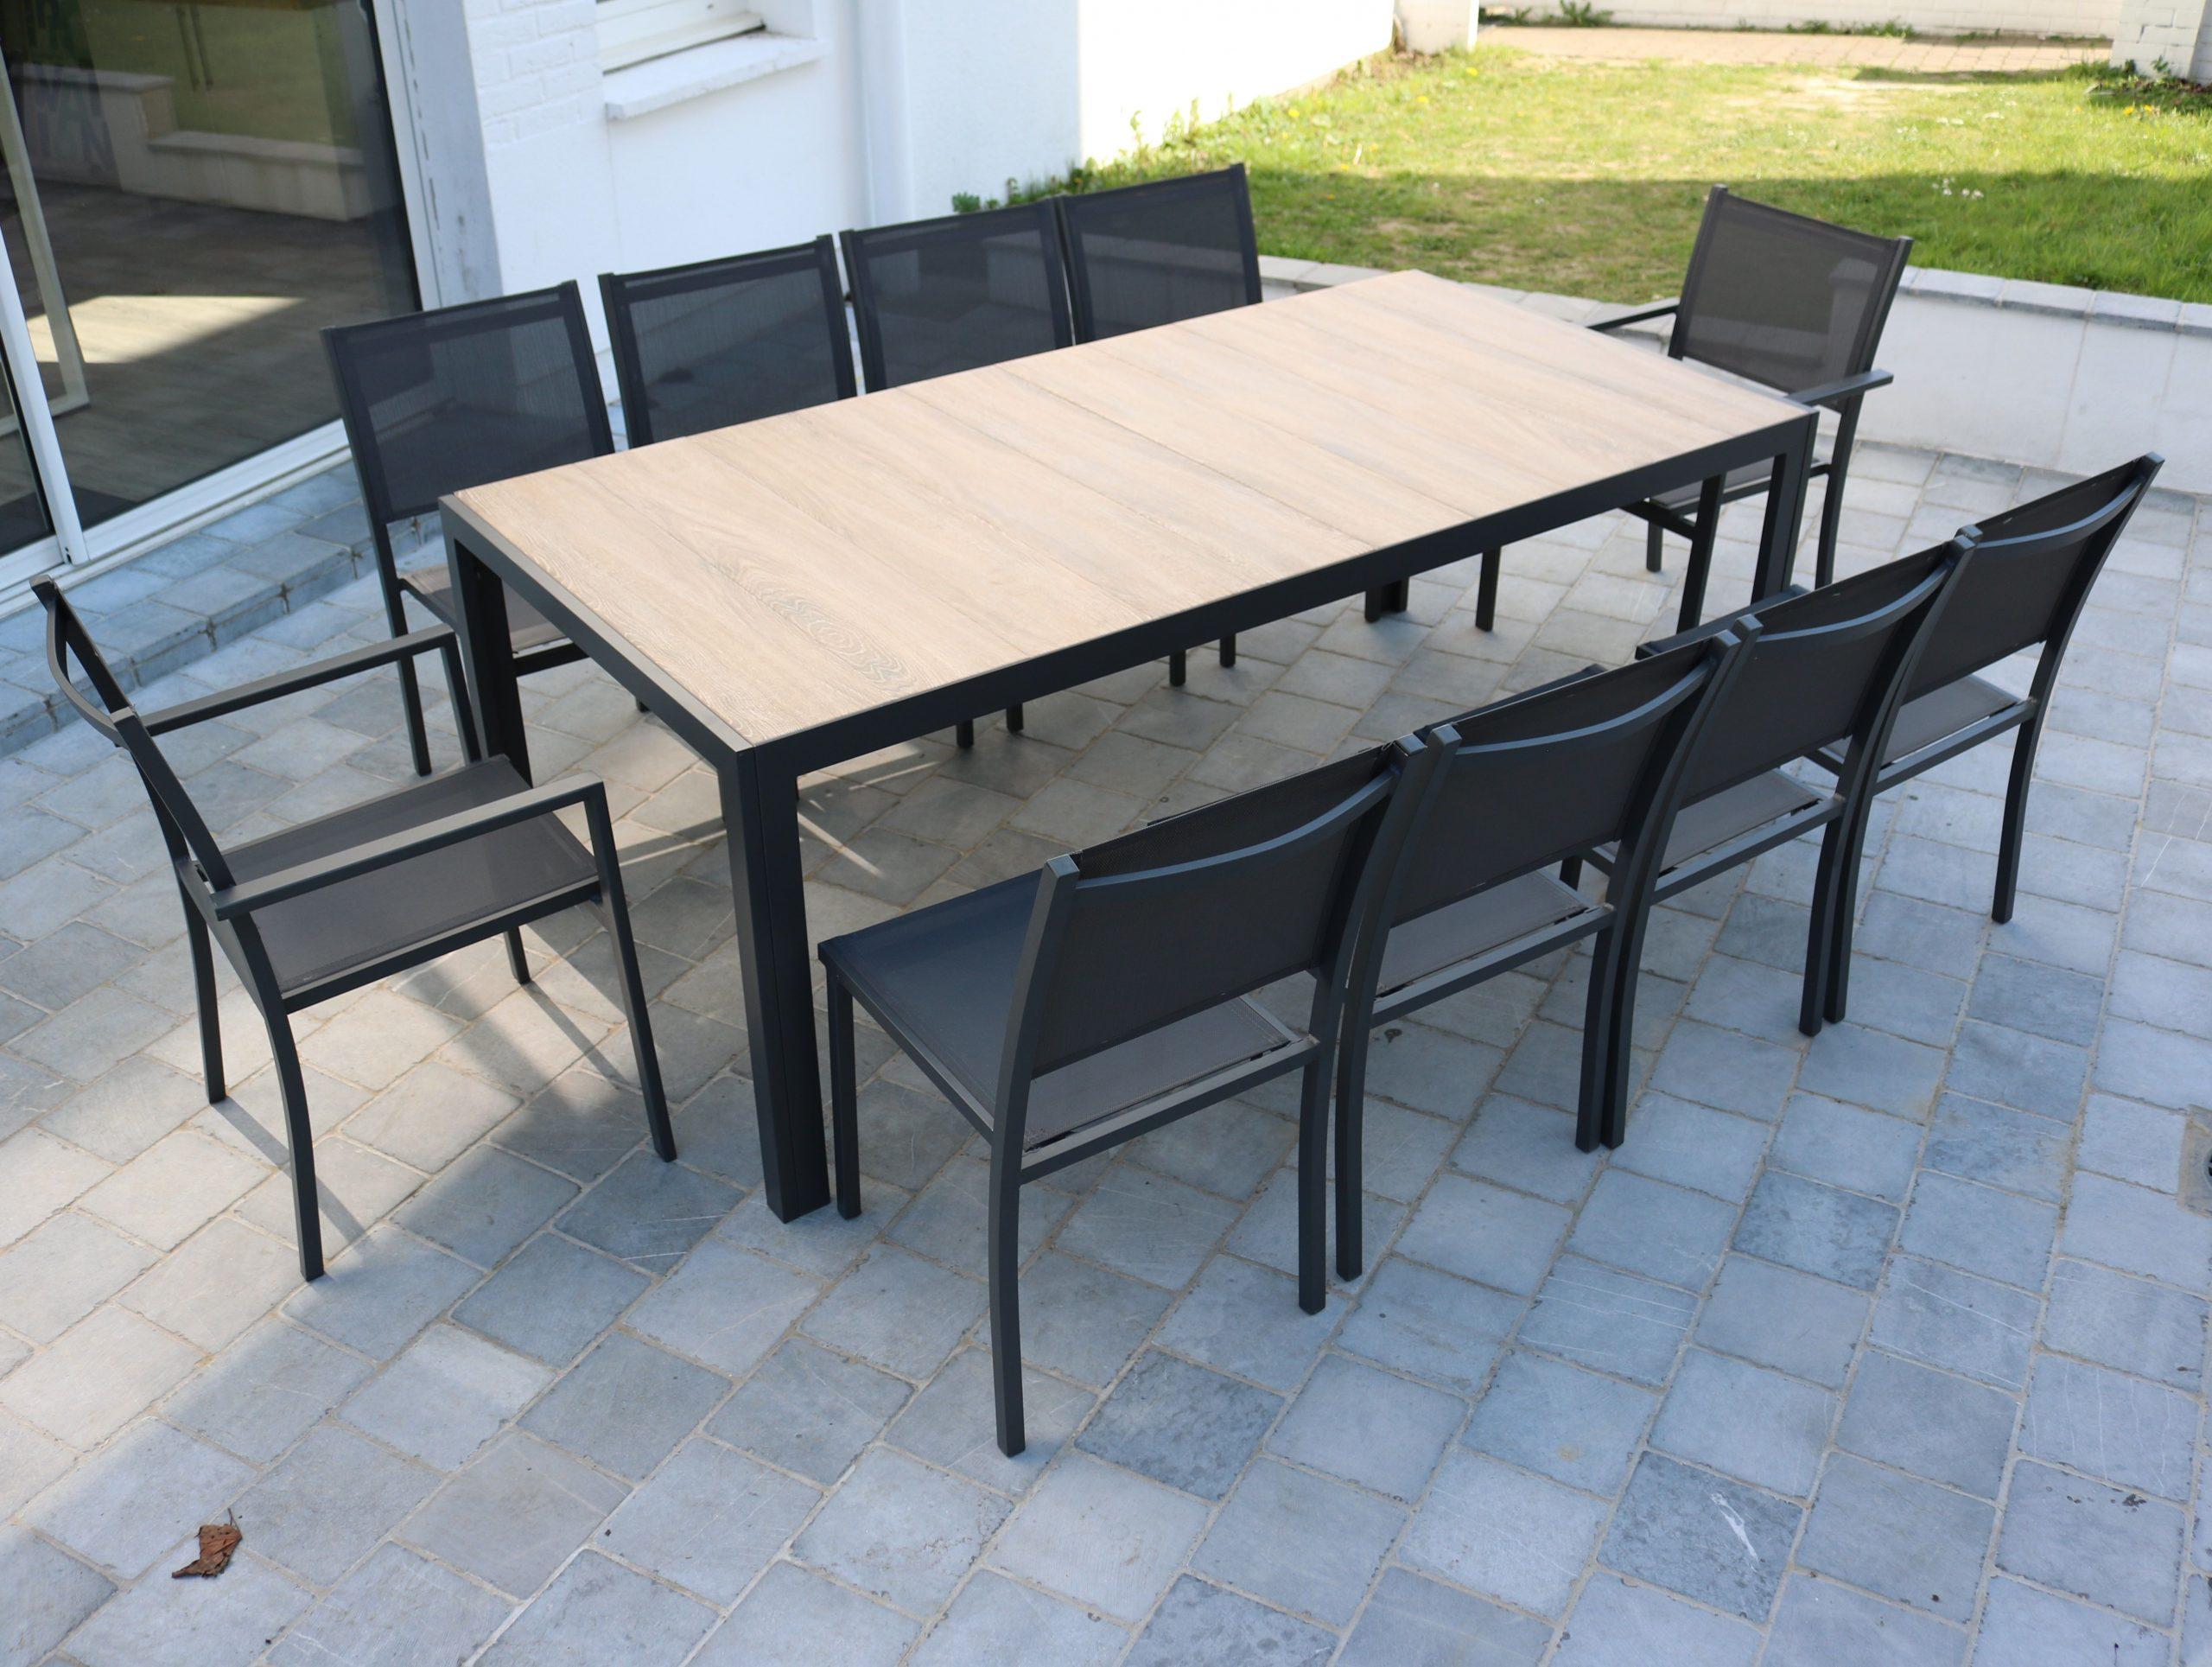 Table De Jardin 10 Places Aluminium Et Céramique - Gris ... destiné Salon Jardin 10 Personnes